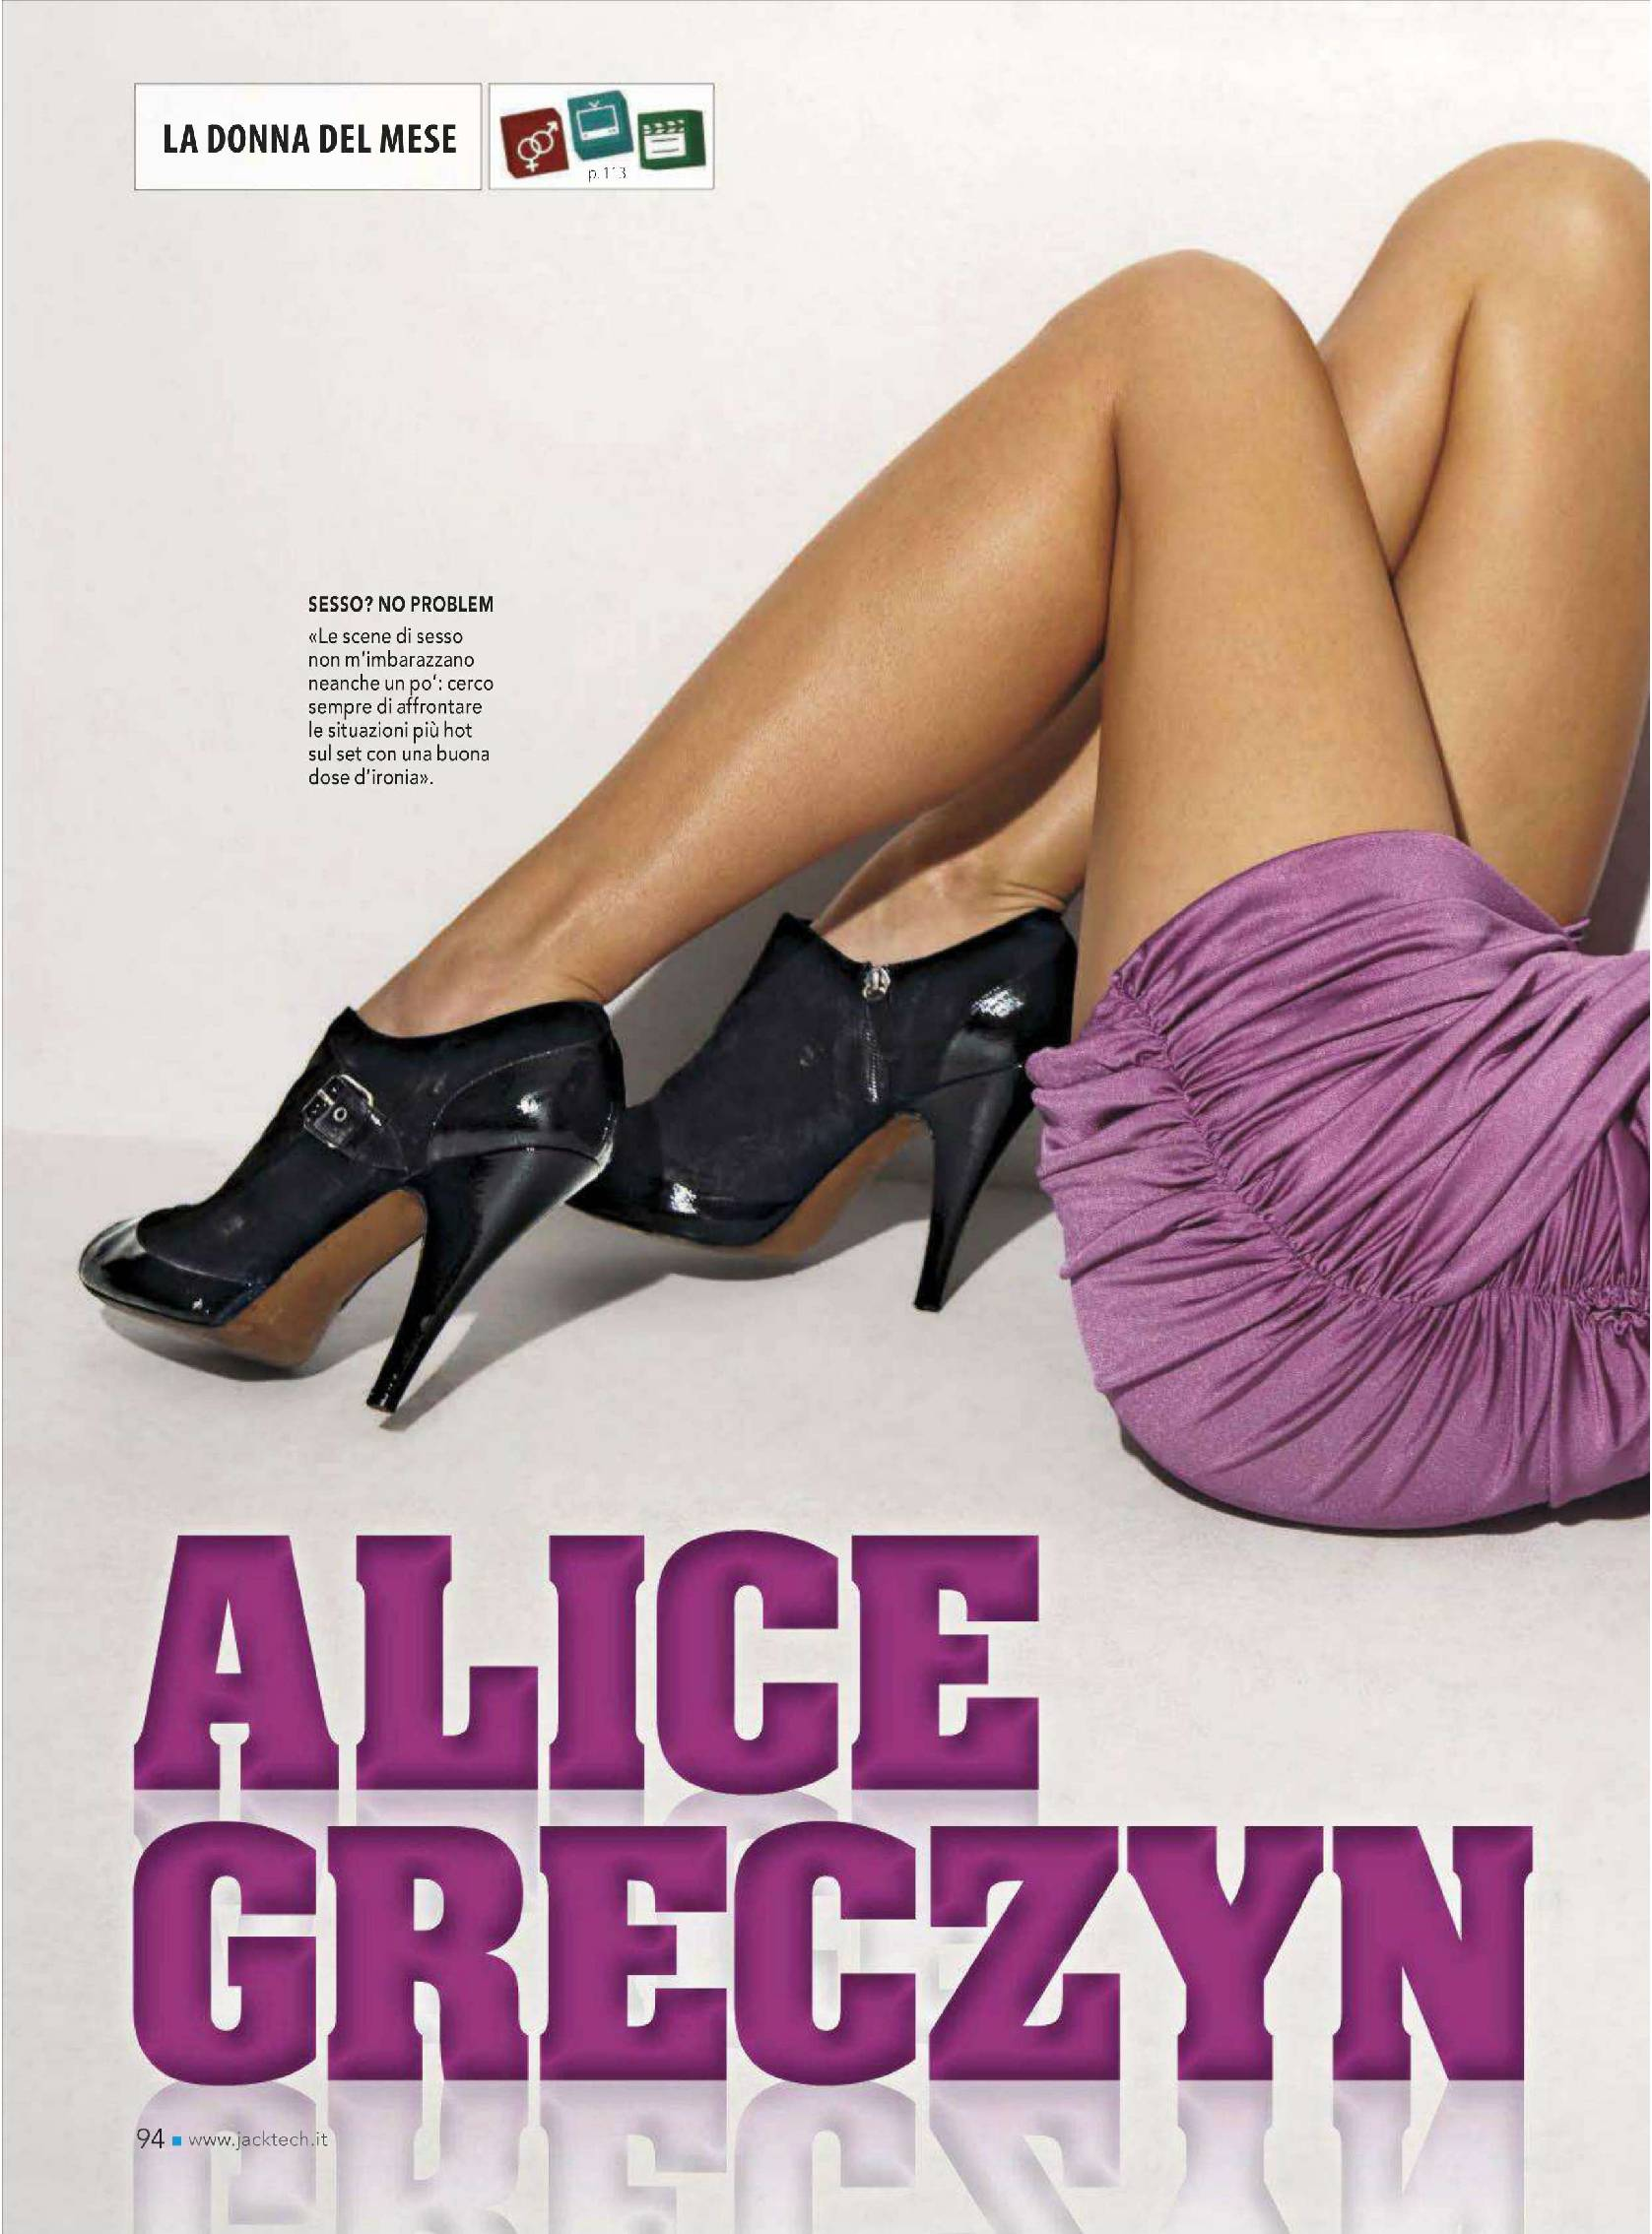 Alice Greczyn Jack Magazine Italy